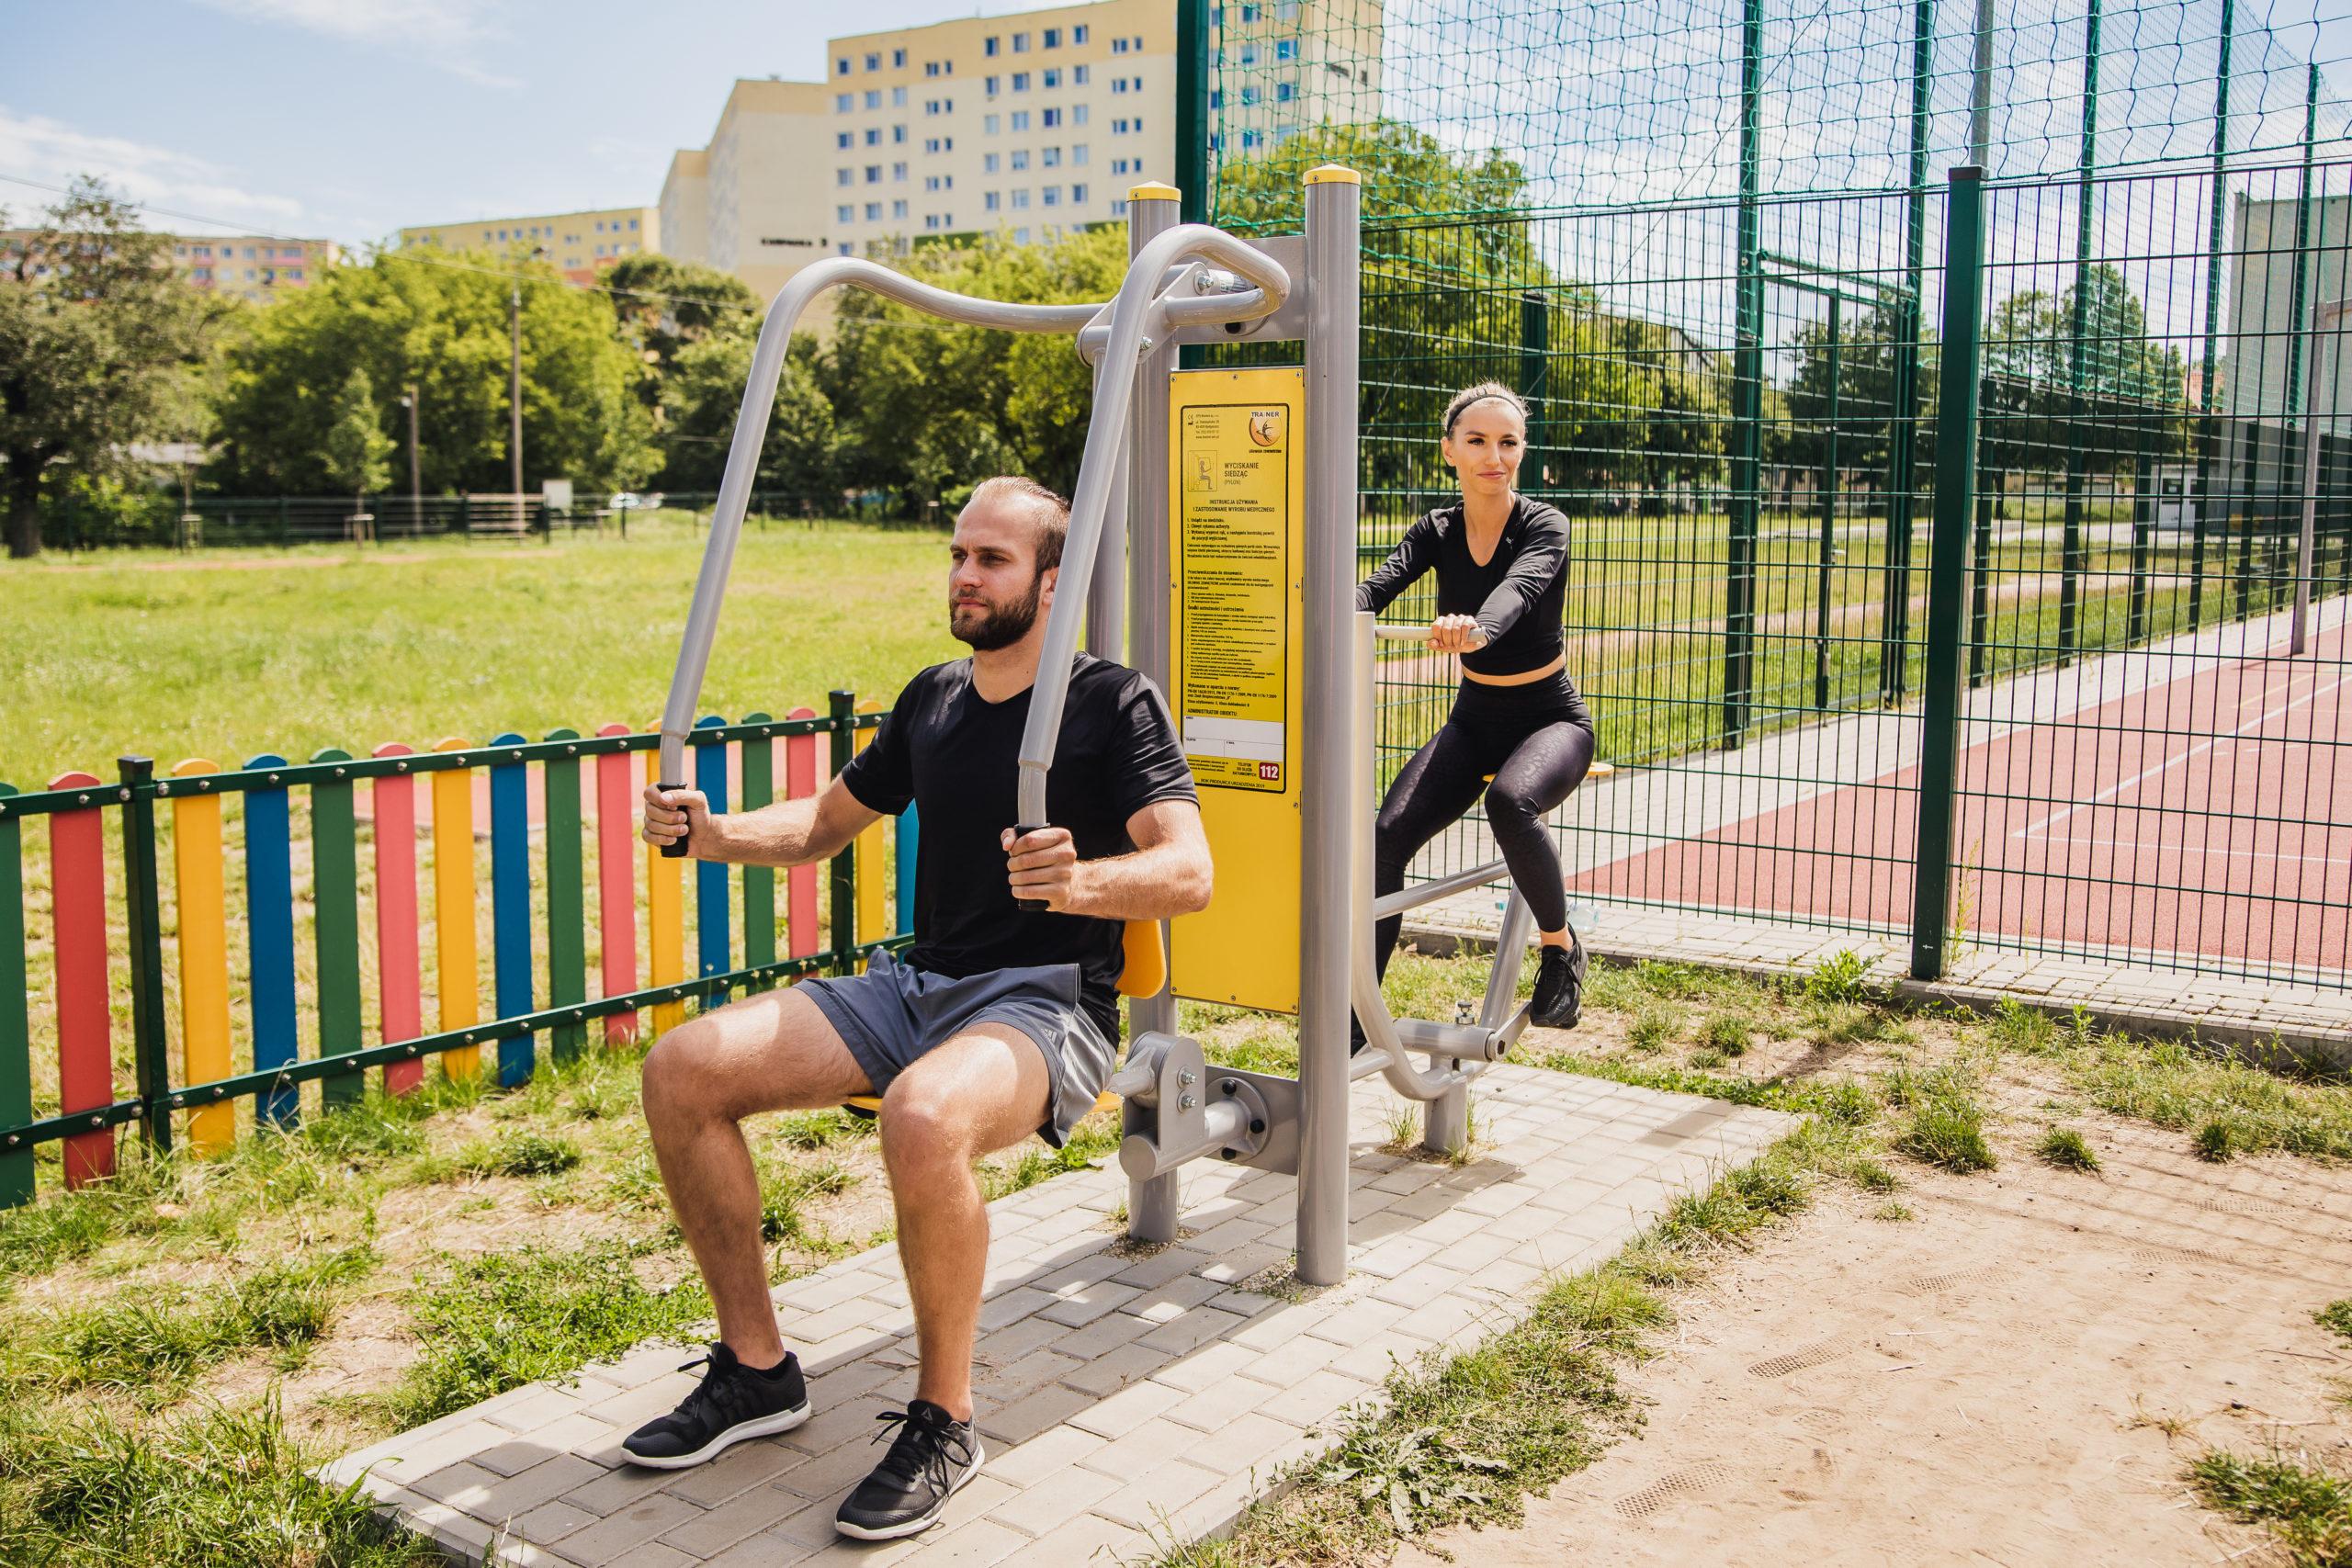 siłownie zewnętrzne dla miast